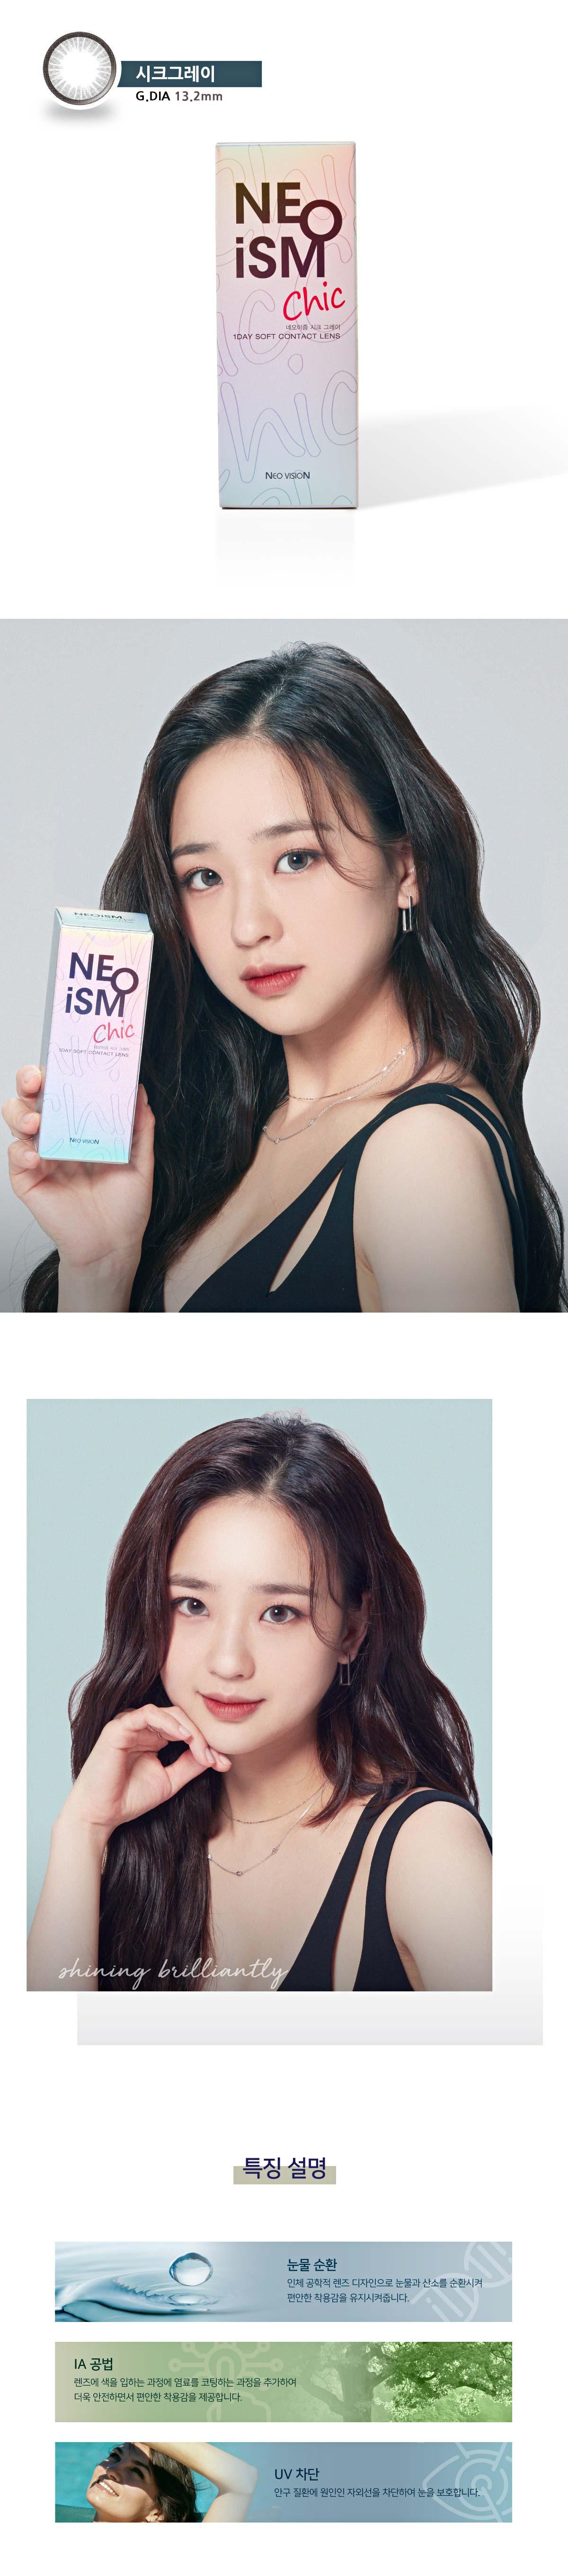 neoism-chic-korean-circle-lenses-color2.jpg